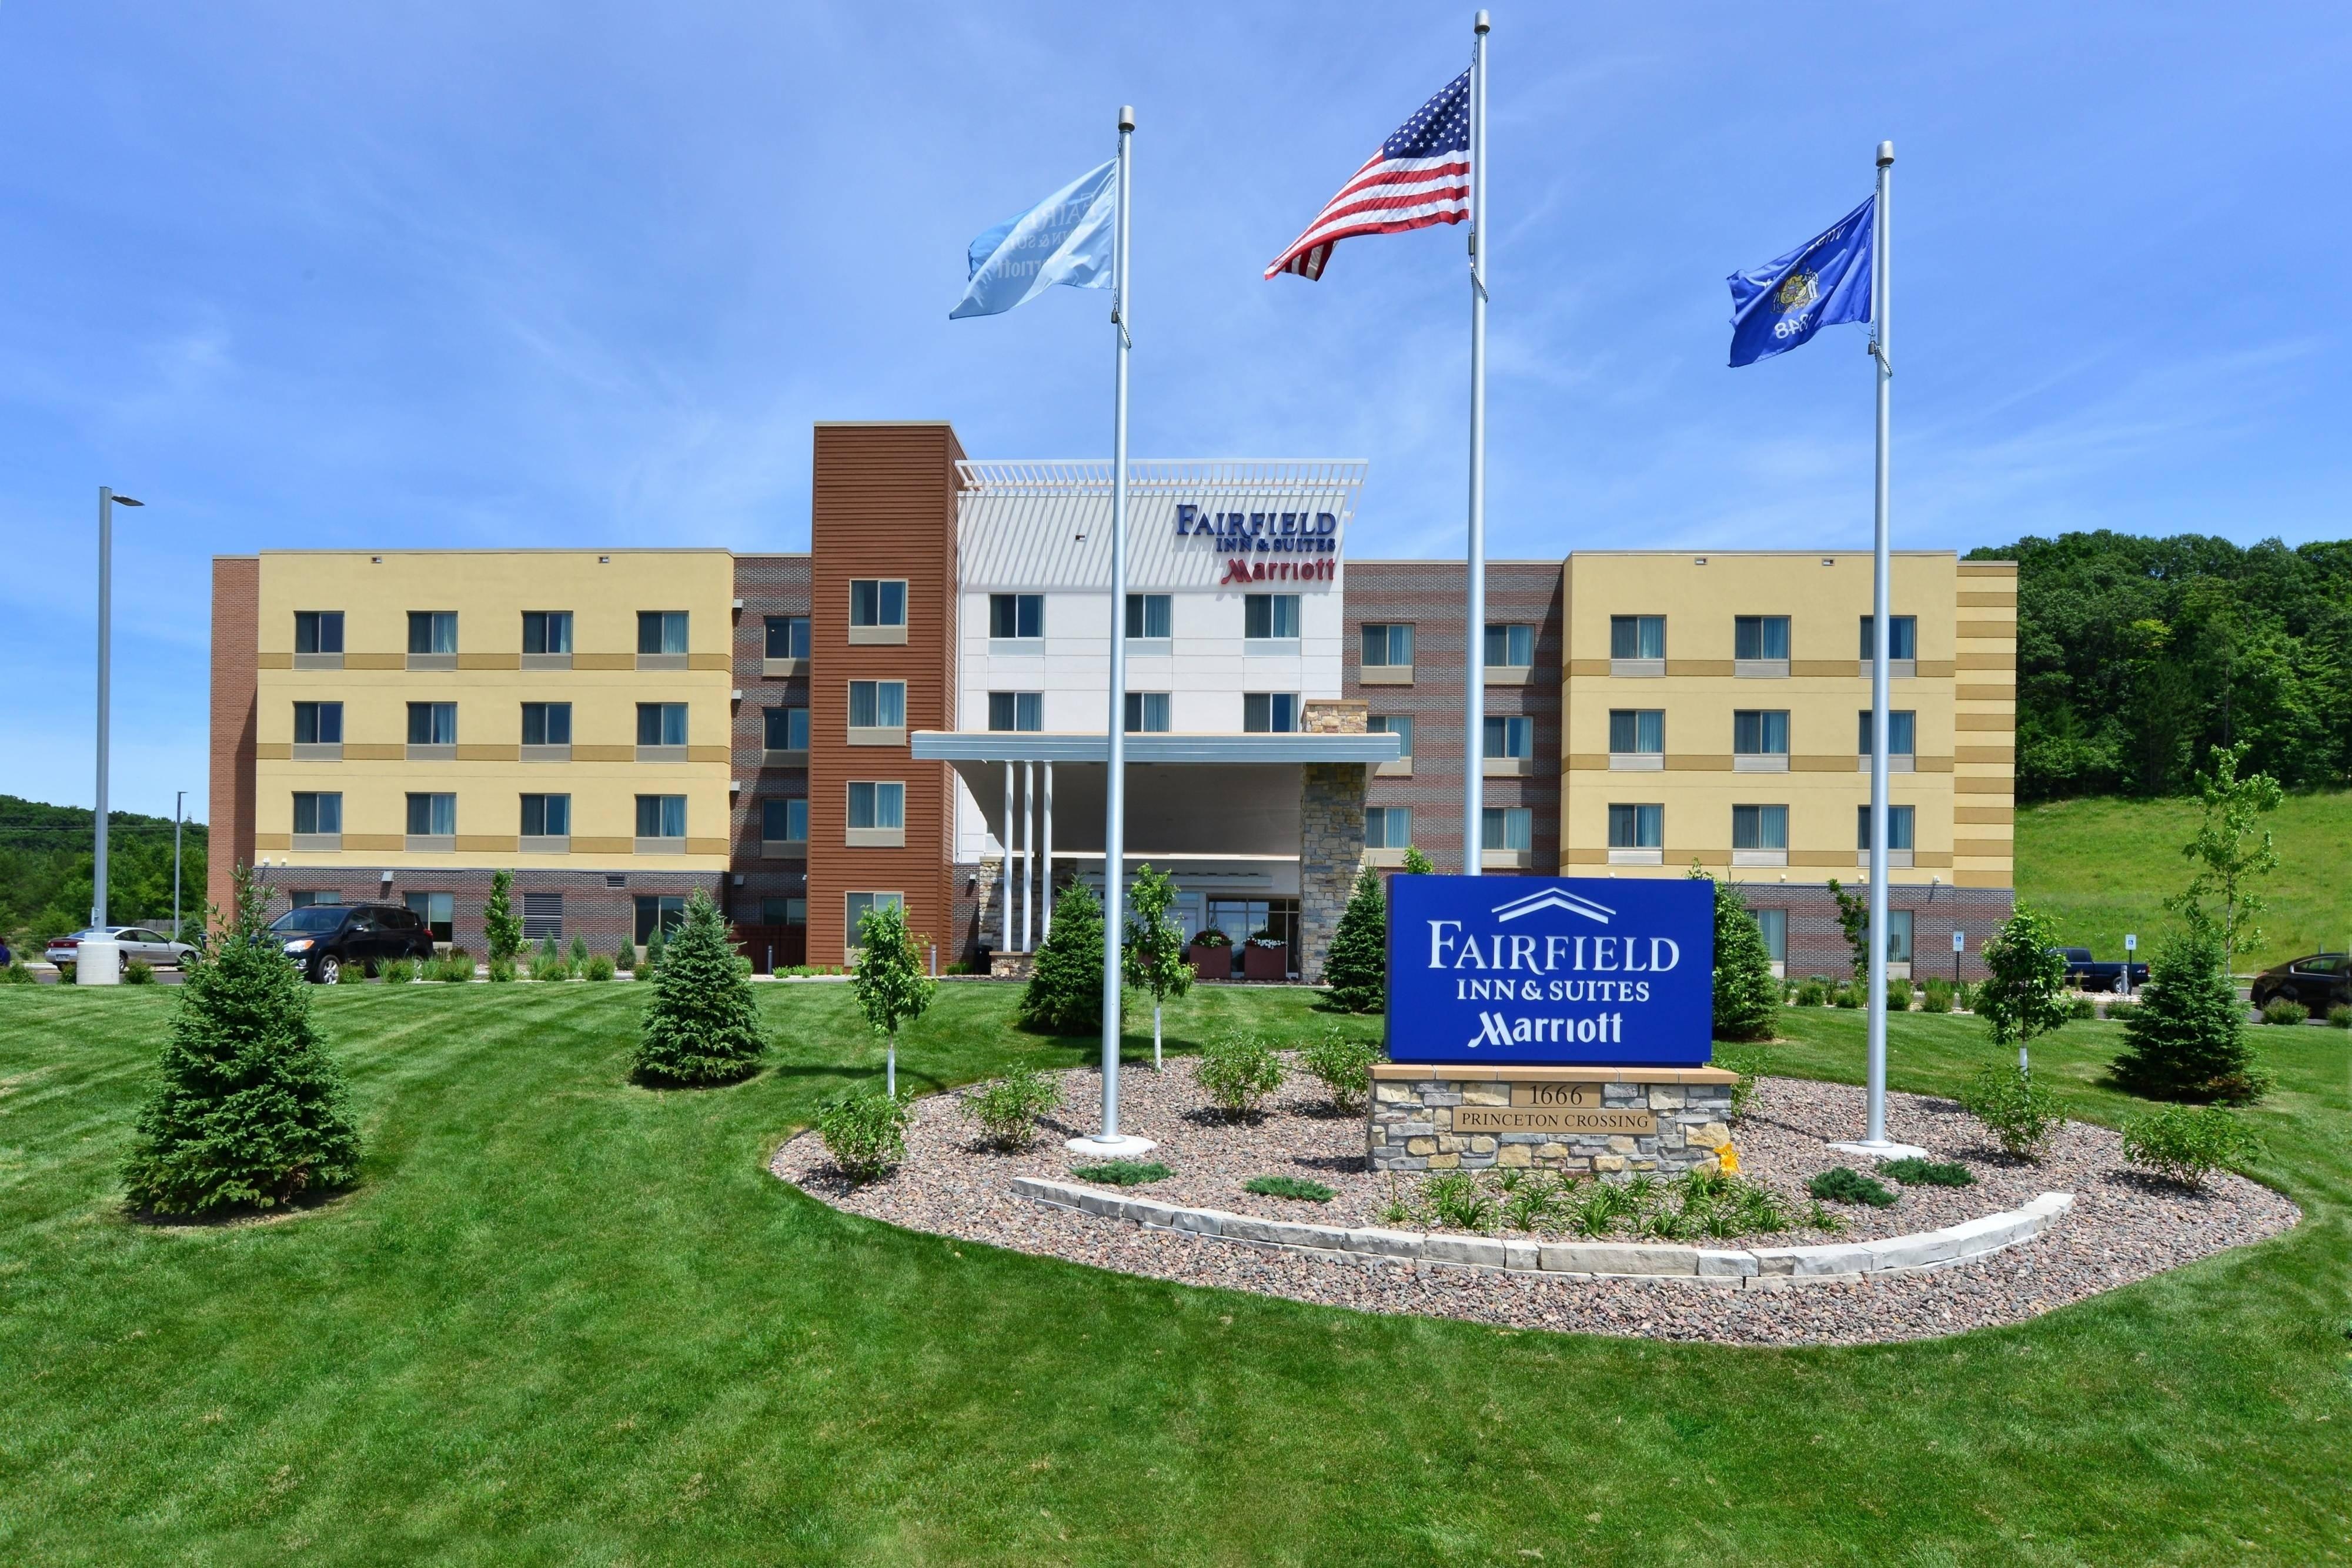 Fairfield Inn & Suites Eau Claire